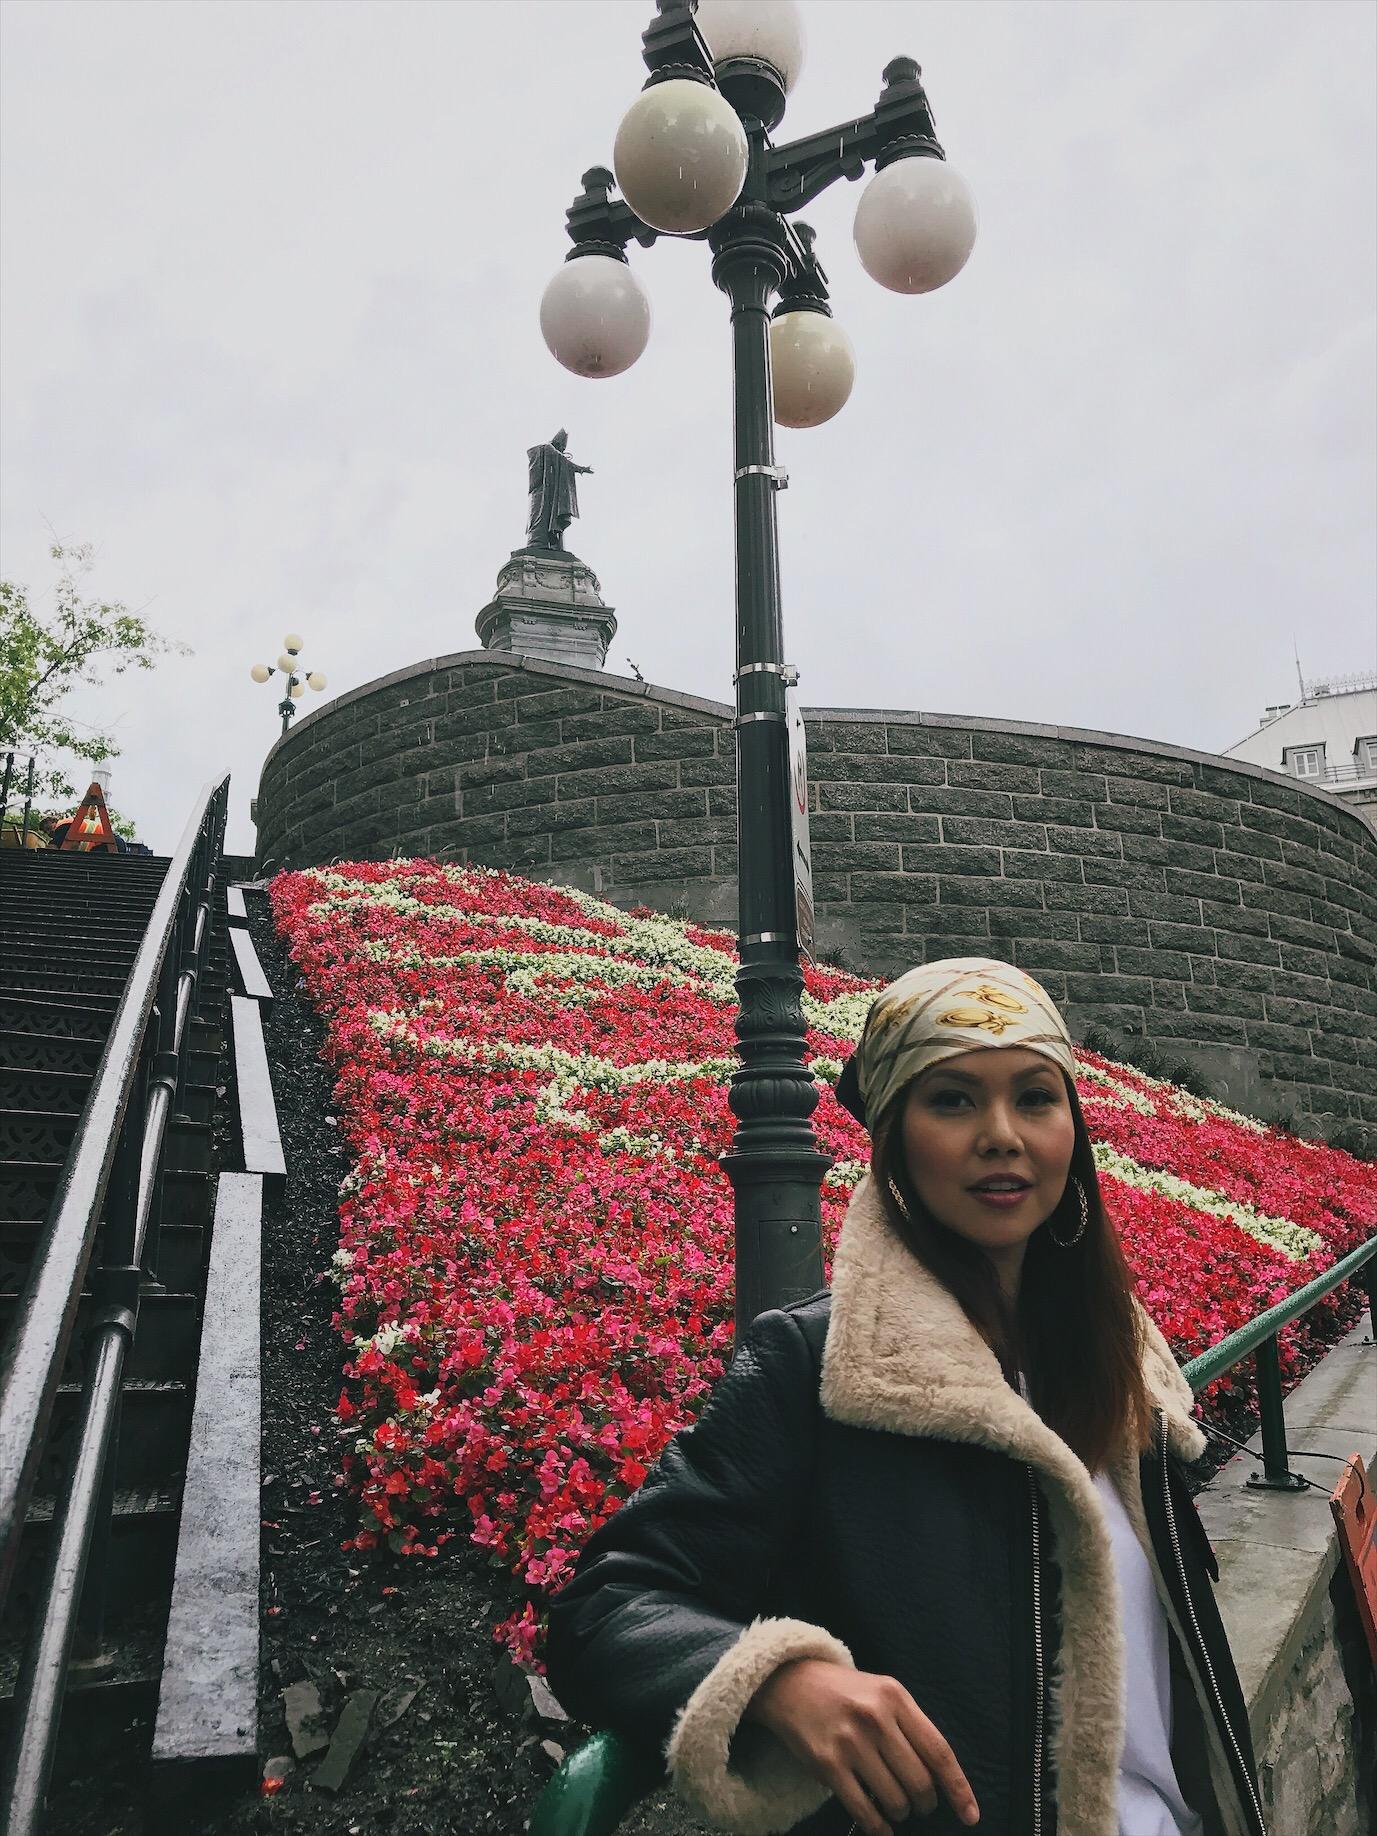 Bianca Valerio Quebec Quebec Canada